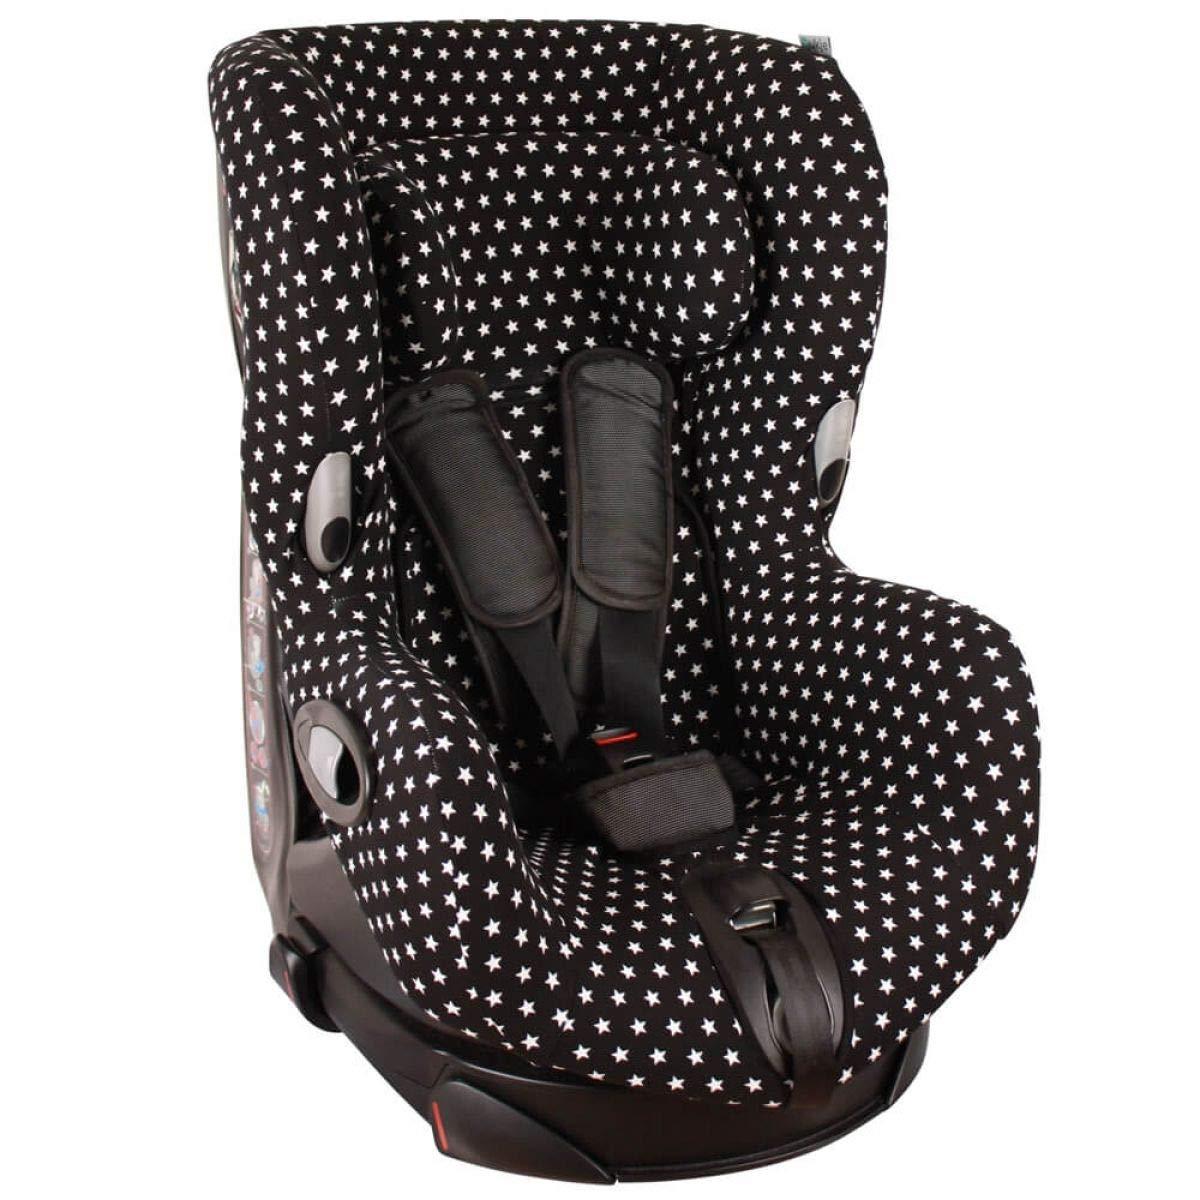 Bezug Maxi-Cosi Axiss Kindersitz /♥ Blau Sterne /♥ Schwei/ßabsorbierend und weich f/ür Ihr Kind /♥ Sch/ützt vor Verschlei/ß und Abnutzung /♥ /Öko-Tex 100 Baumwolle /♥